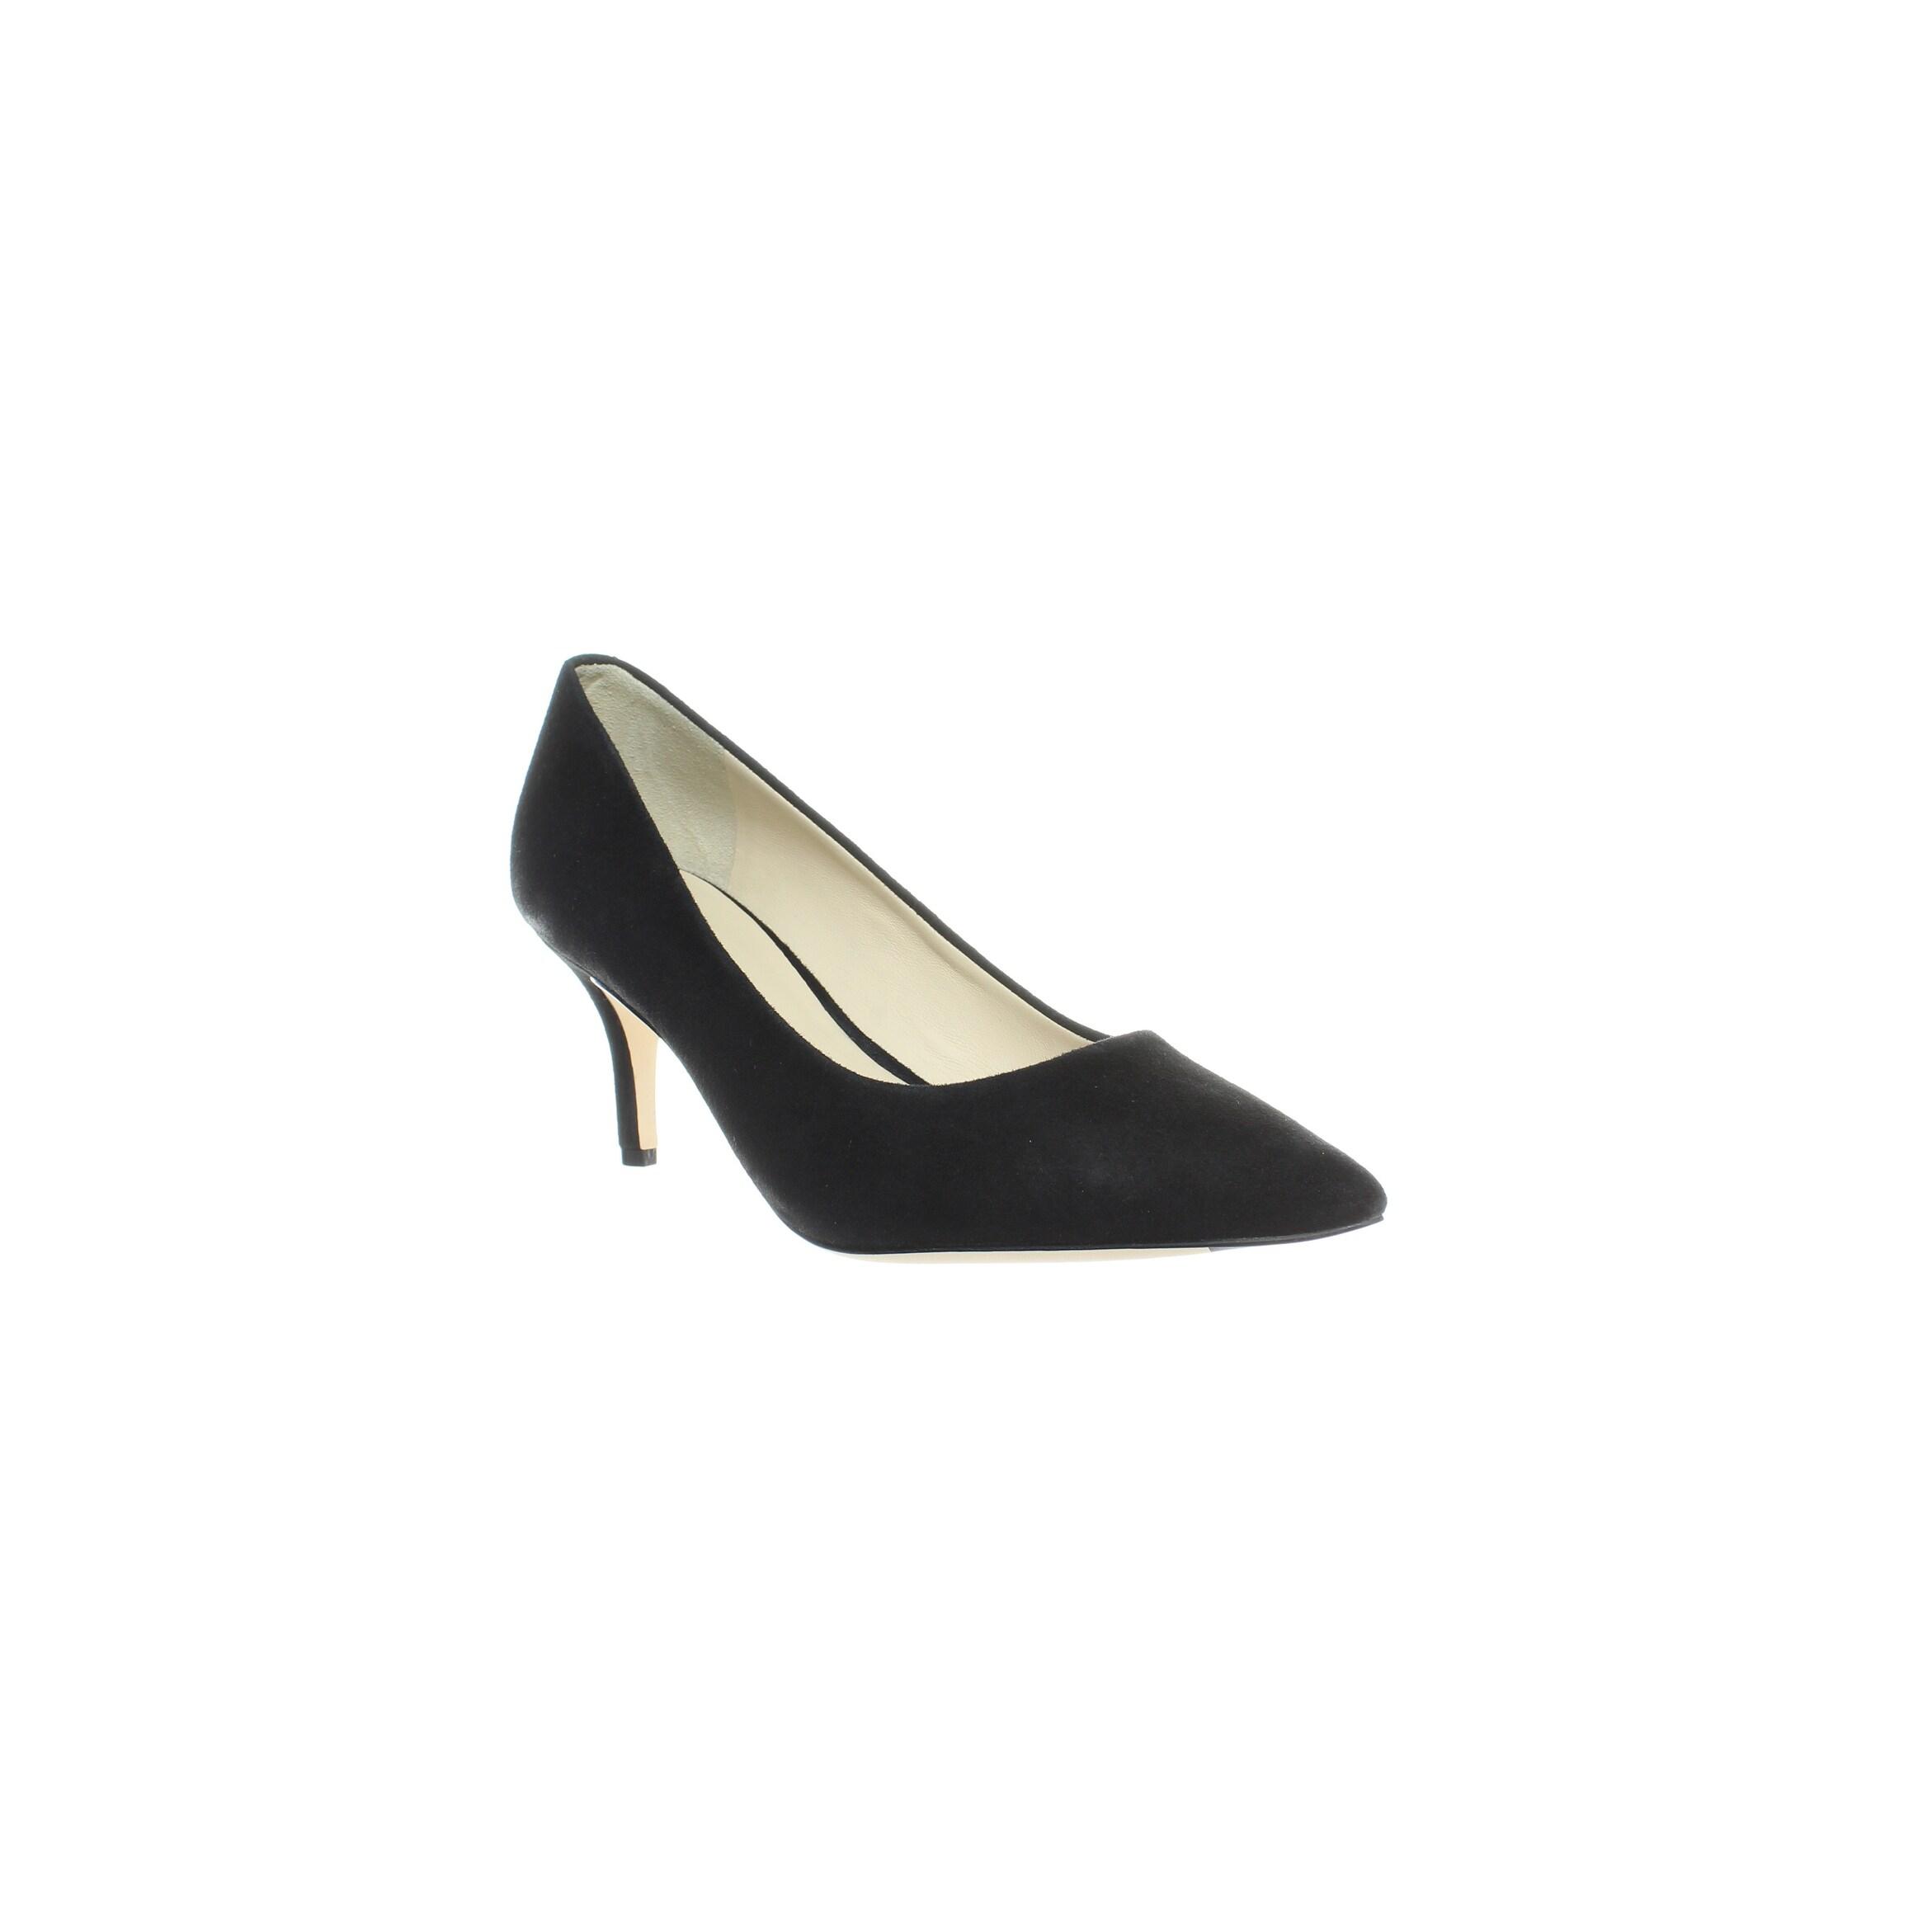 a5cf2c4b95f4a Buy Cole Haan Women's Heels Online at Overstock   Our Best Women's Shoes  Deals